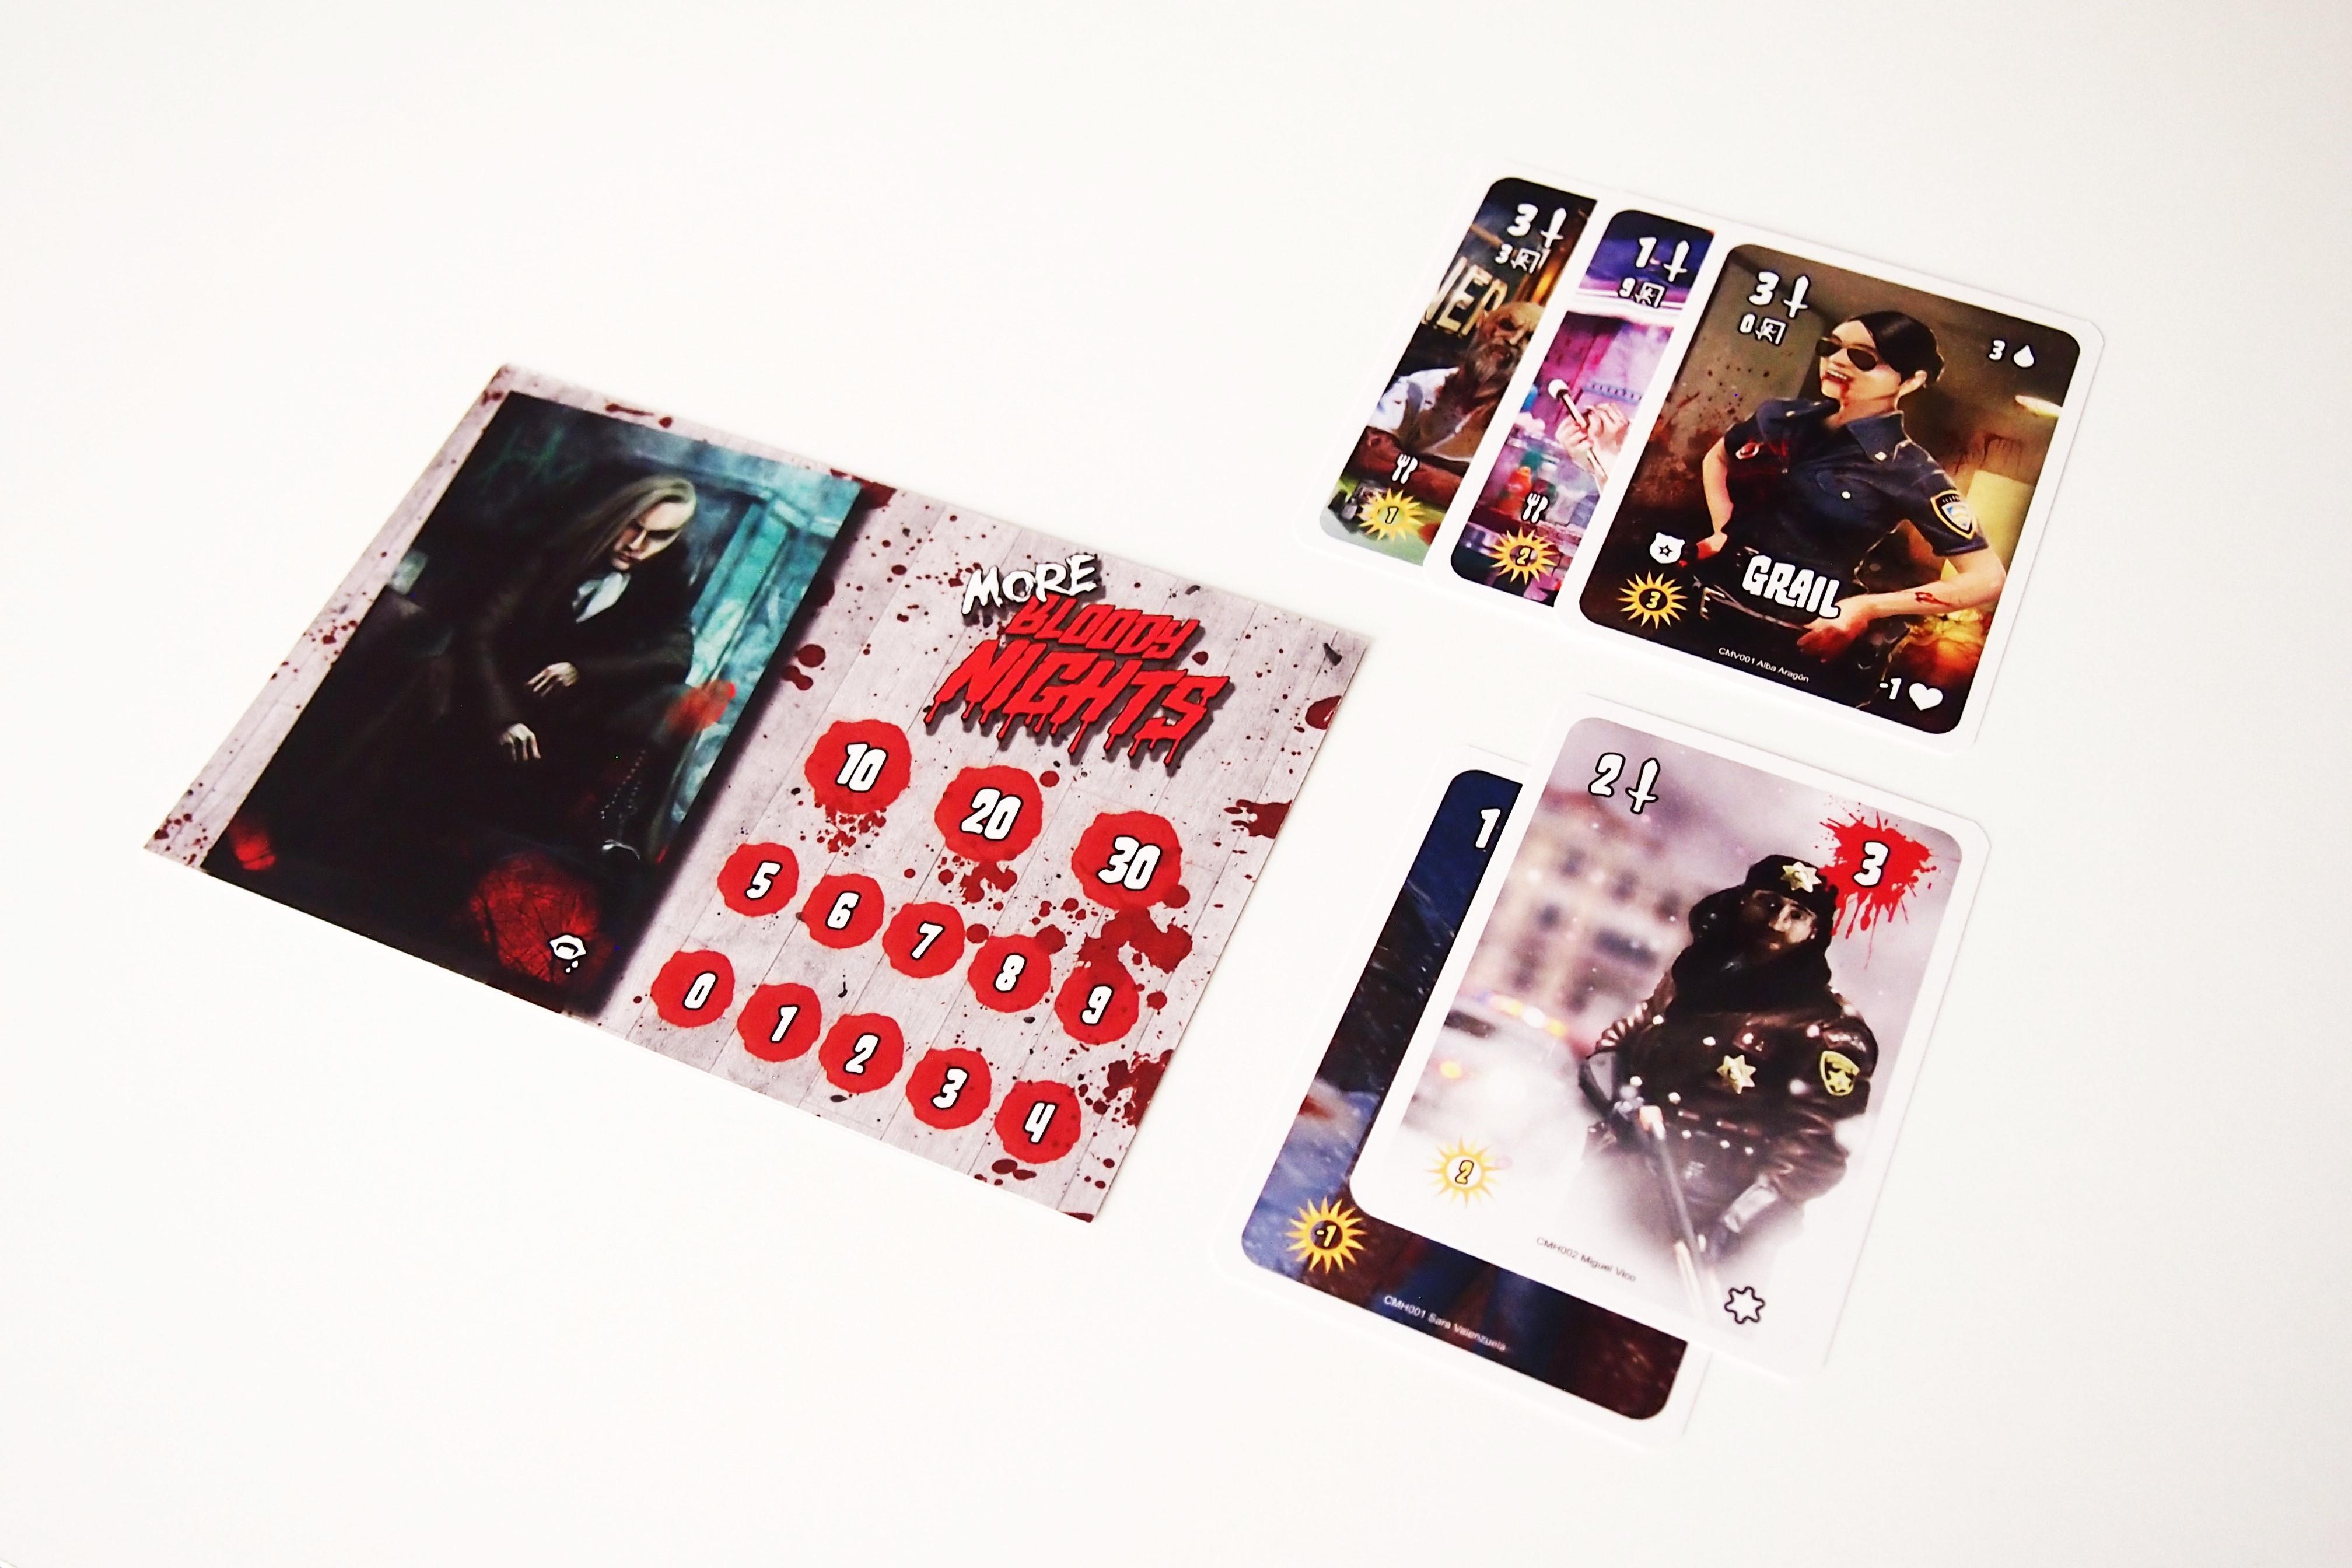 Los vampiros sólo pueden ganar si al finalizar el día 30 han convertido o eliminado a los demás jugadores. De todos ellos, el ganador será el que sume más puntos entre sus cartas de superviviente y vampiro obtenidas.